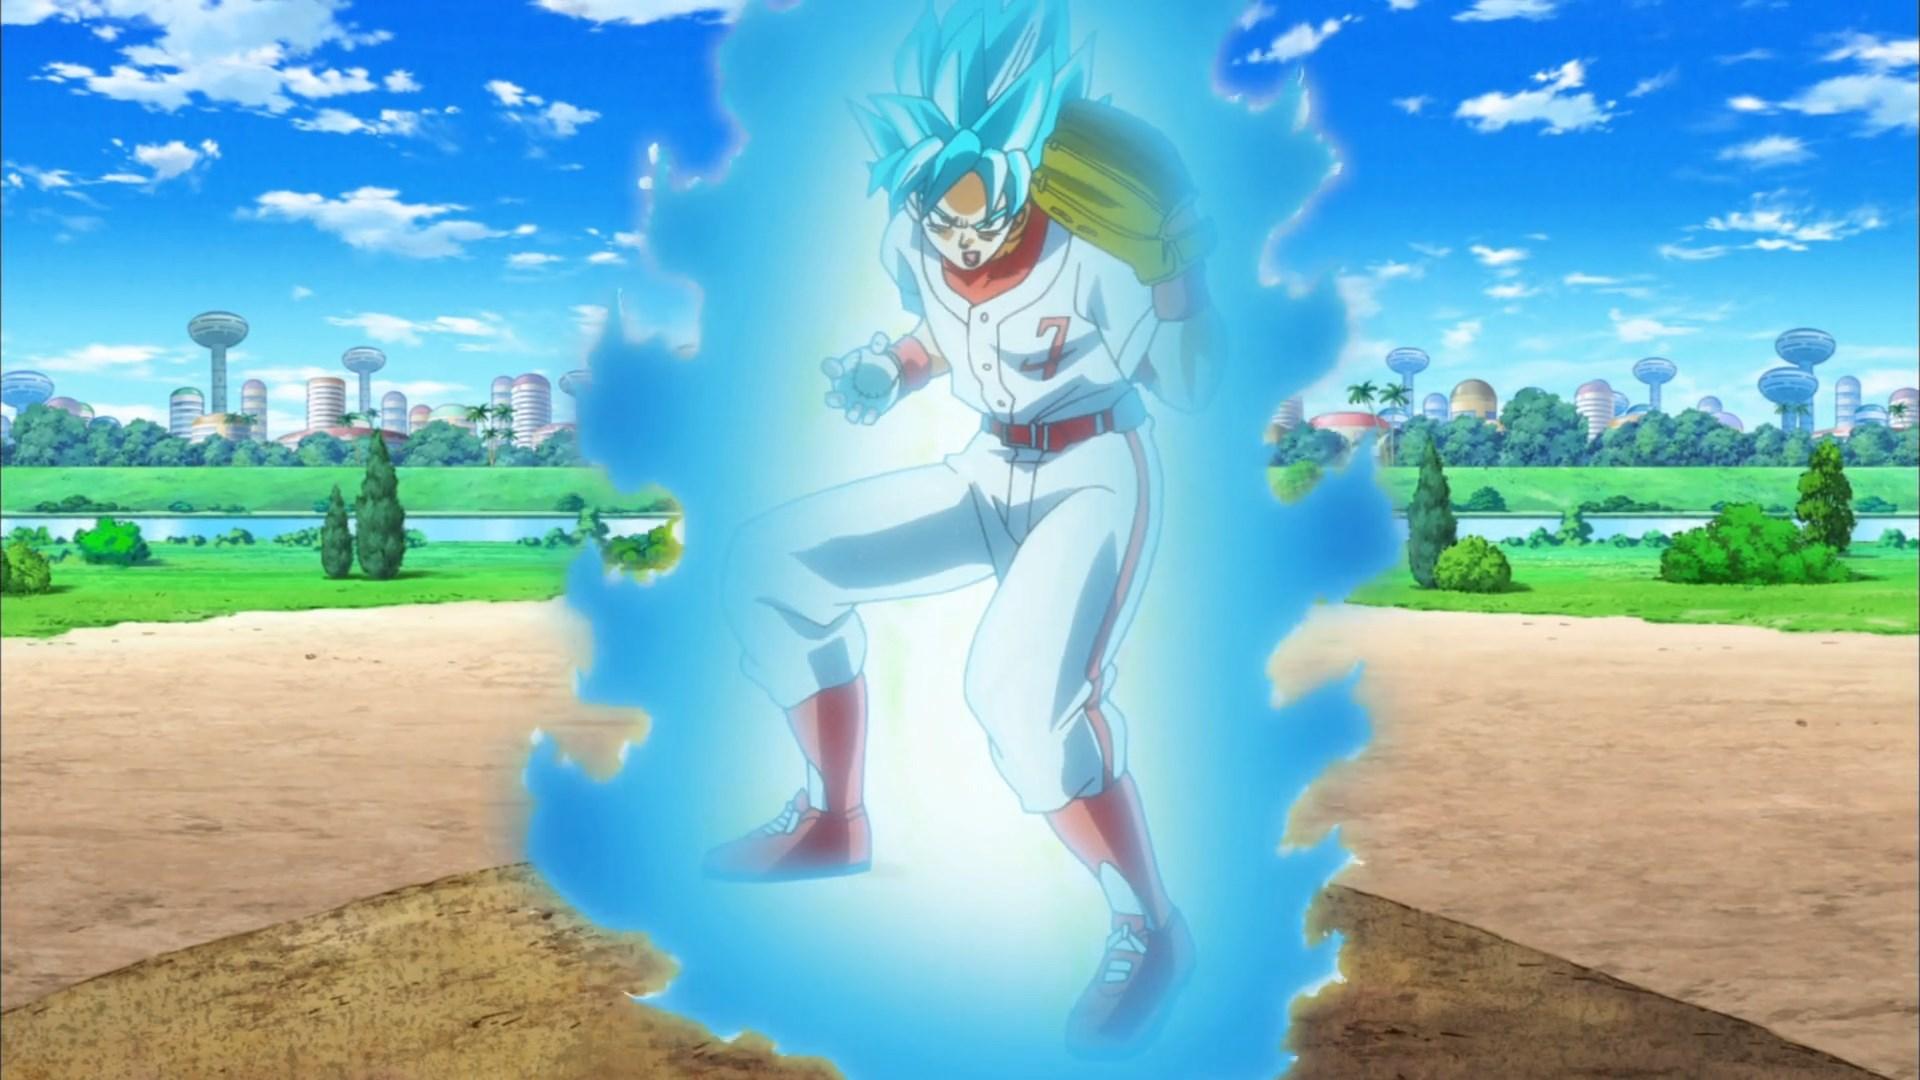 [DS] Dragon Ball Super 070 [1080p].mkv_snapshot_07.39_[2016.12.11_03.40.11]